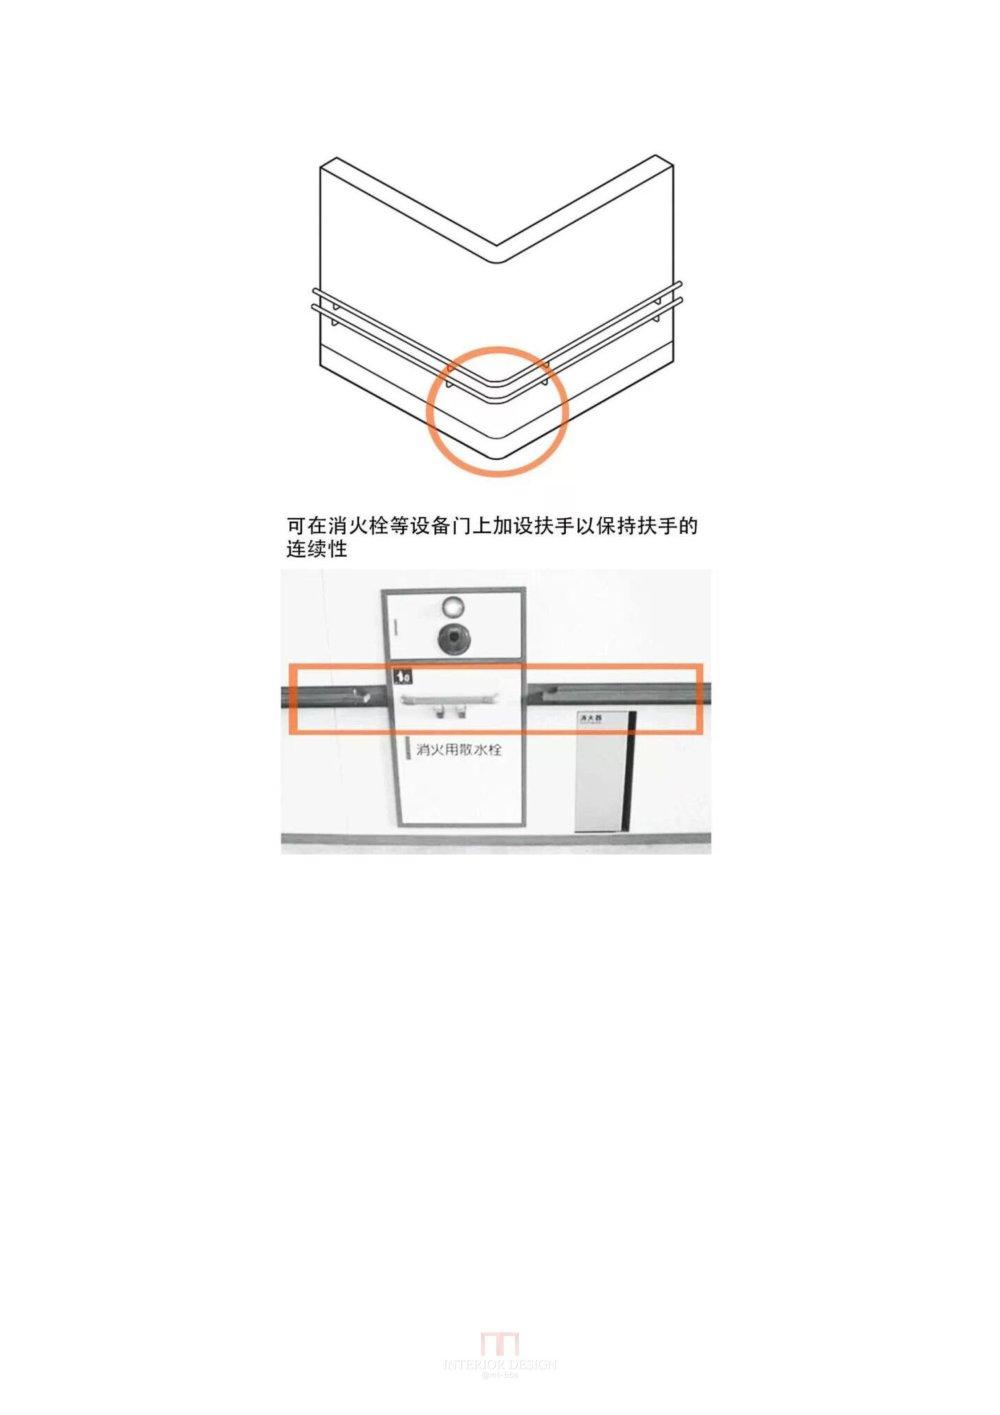 设计师必读:老年住宅中的细节设计(经典)_111 (2).jpg